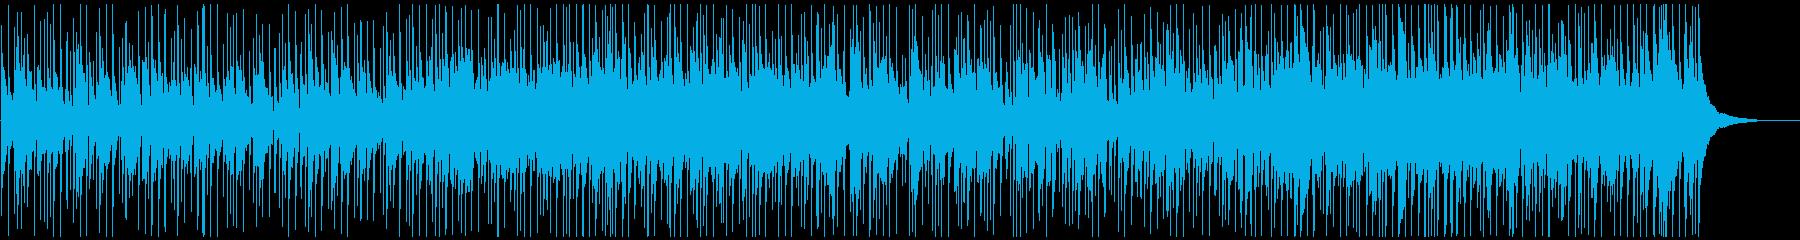 70年代にタイムスリップ、ソウルBGMの再生済みの波形